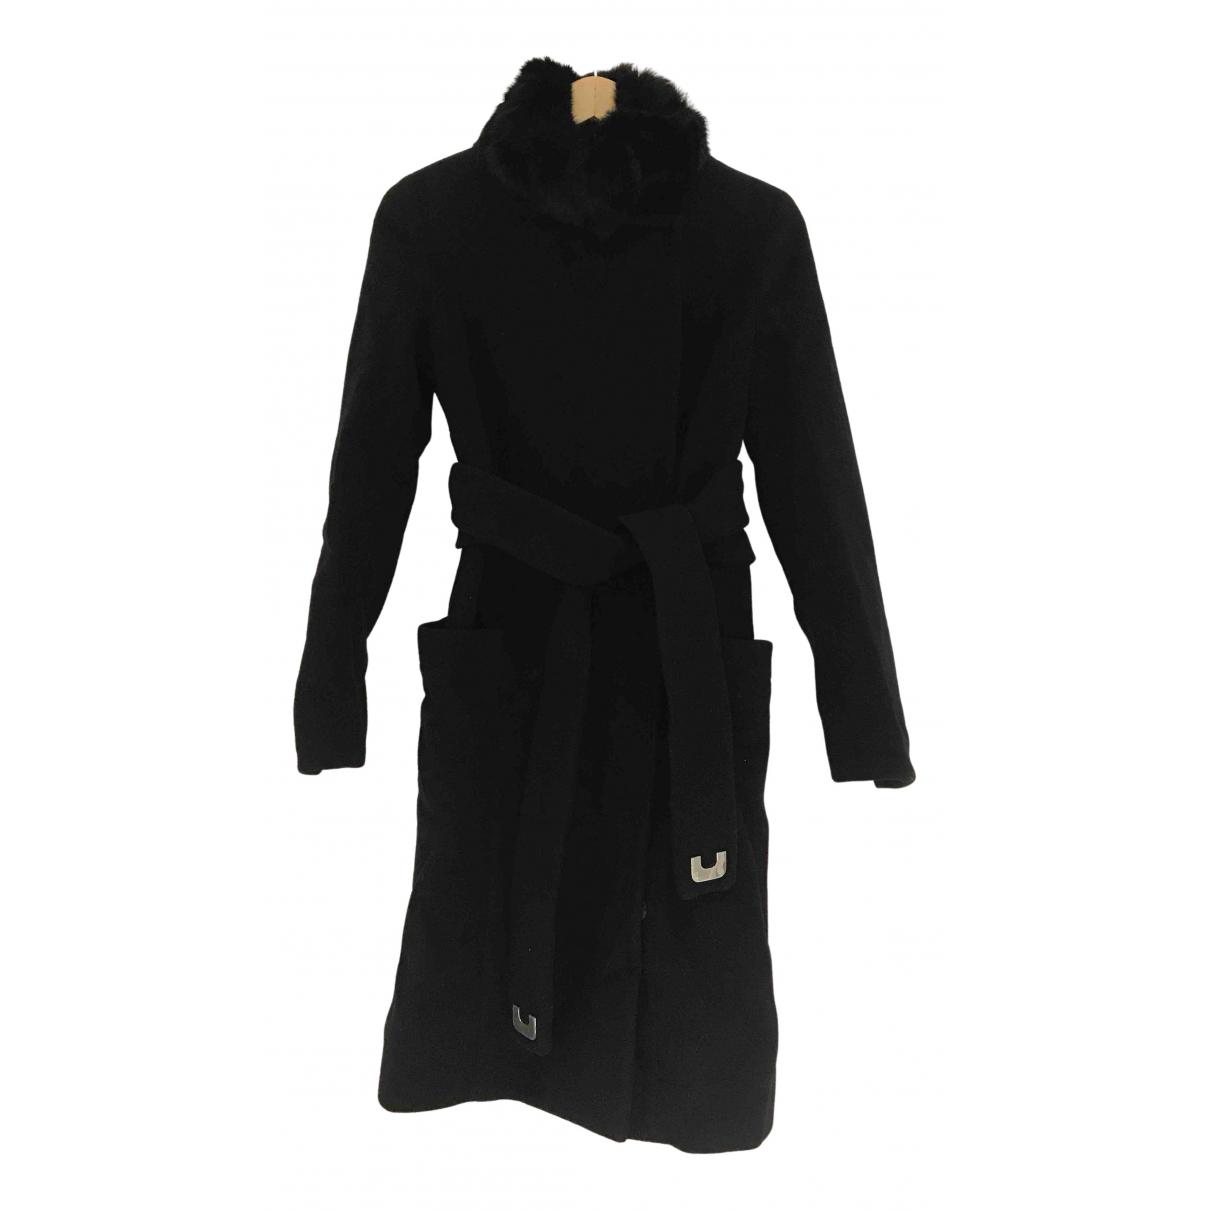 Diane Von Furstenberg N Black Wool coat for Women 2 US